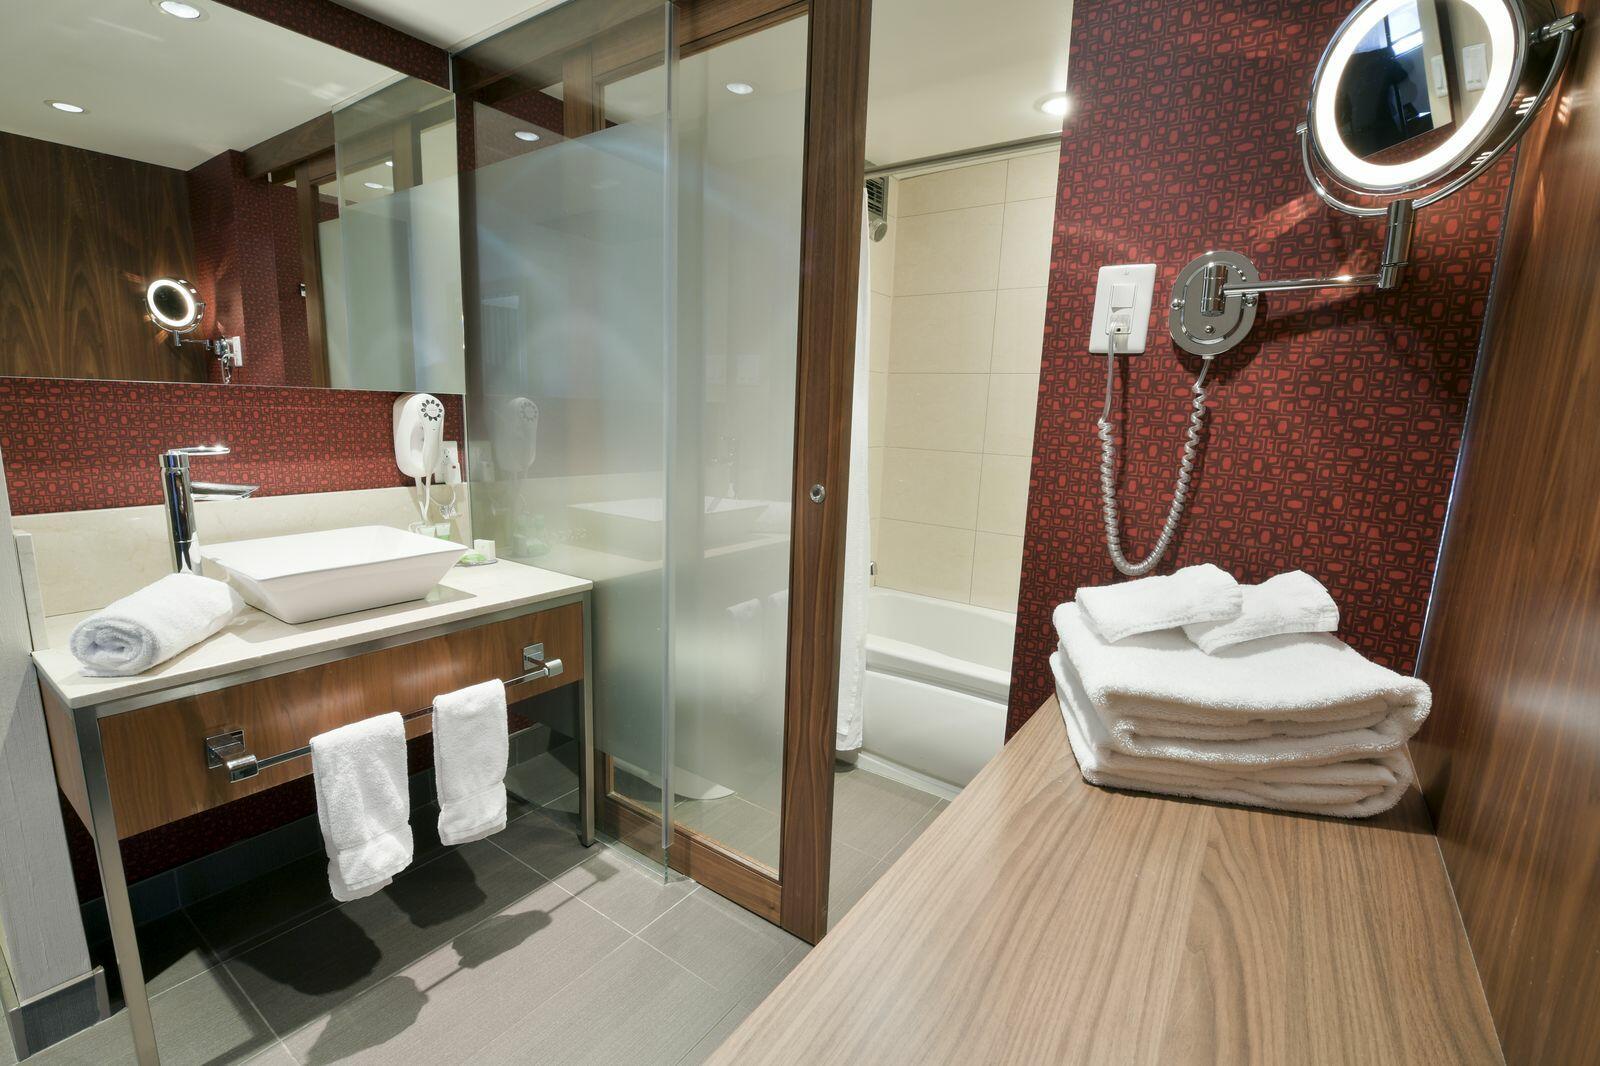 Guest bathroom vanity and tub.